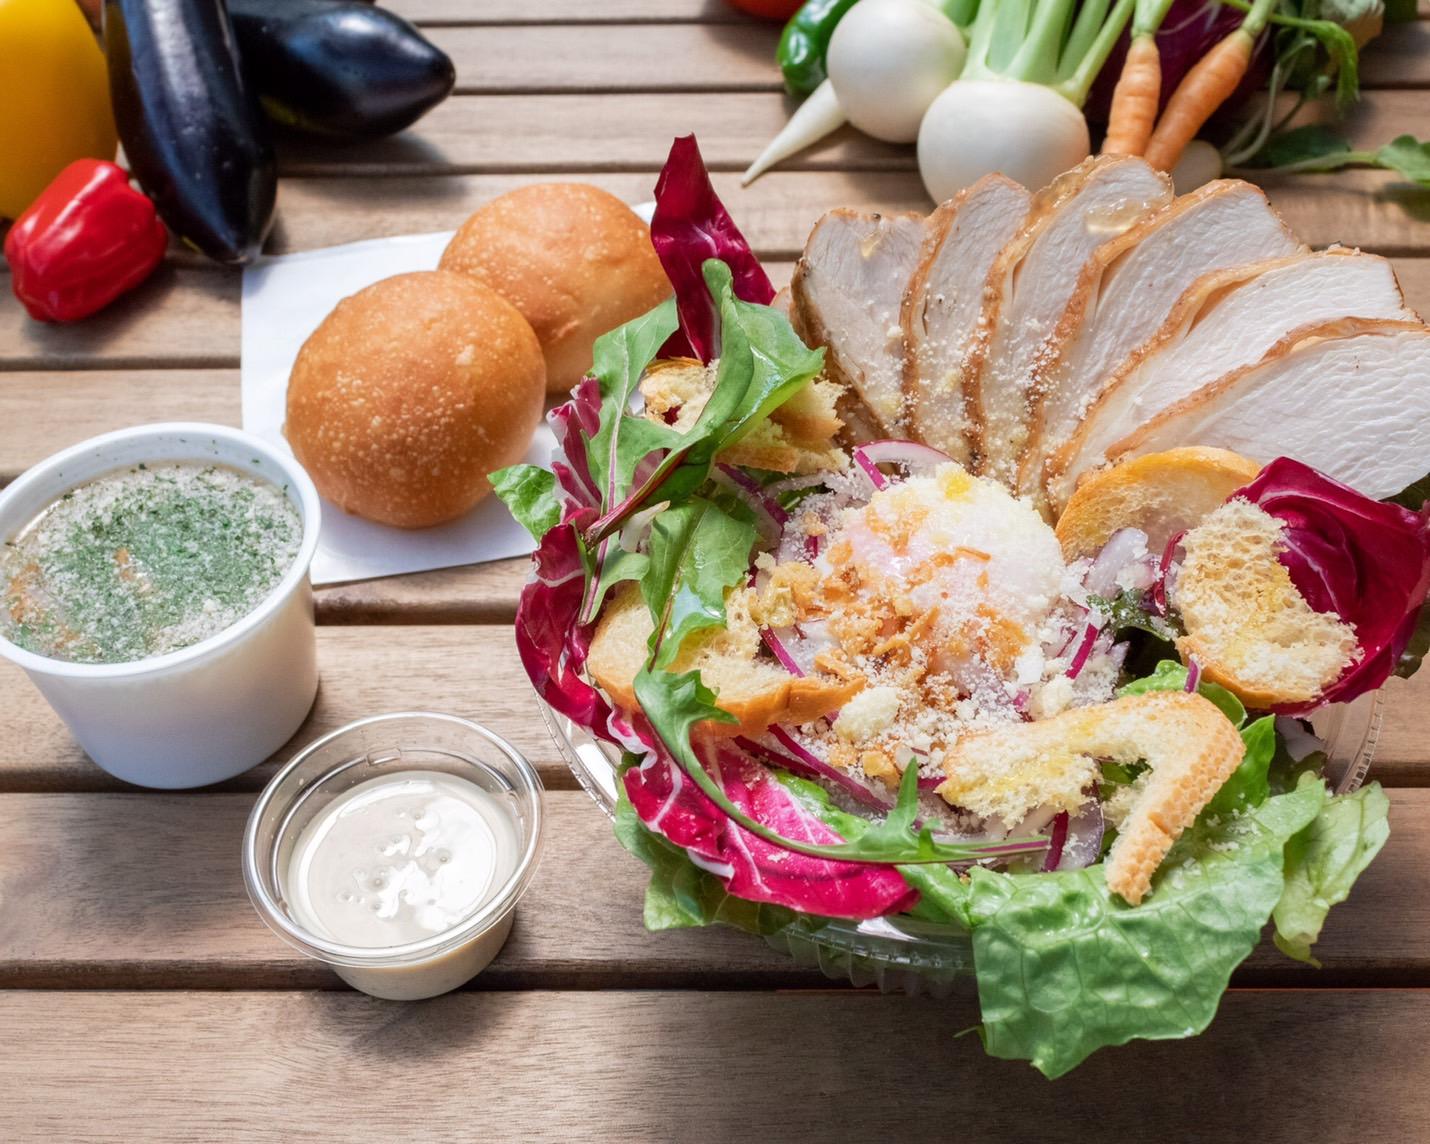 野菜labの自家製スモークチキンのシーザーサラダセット